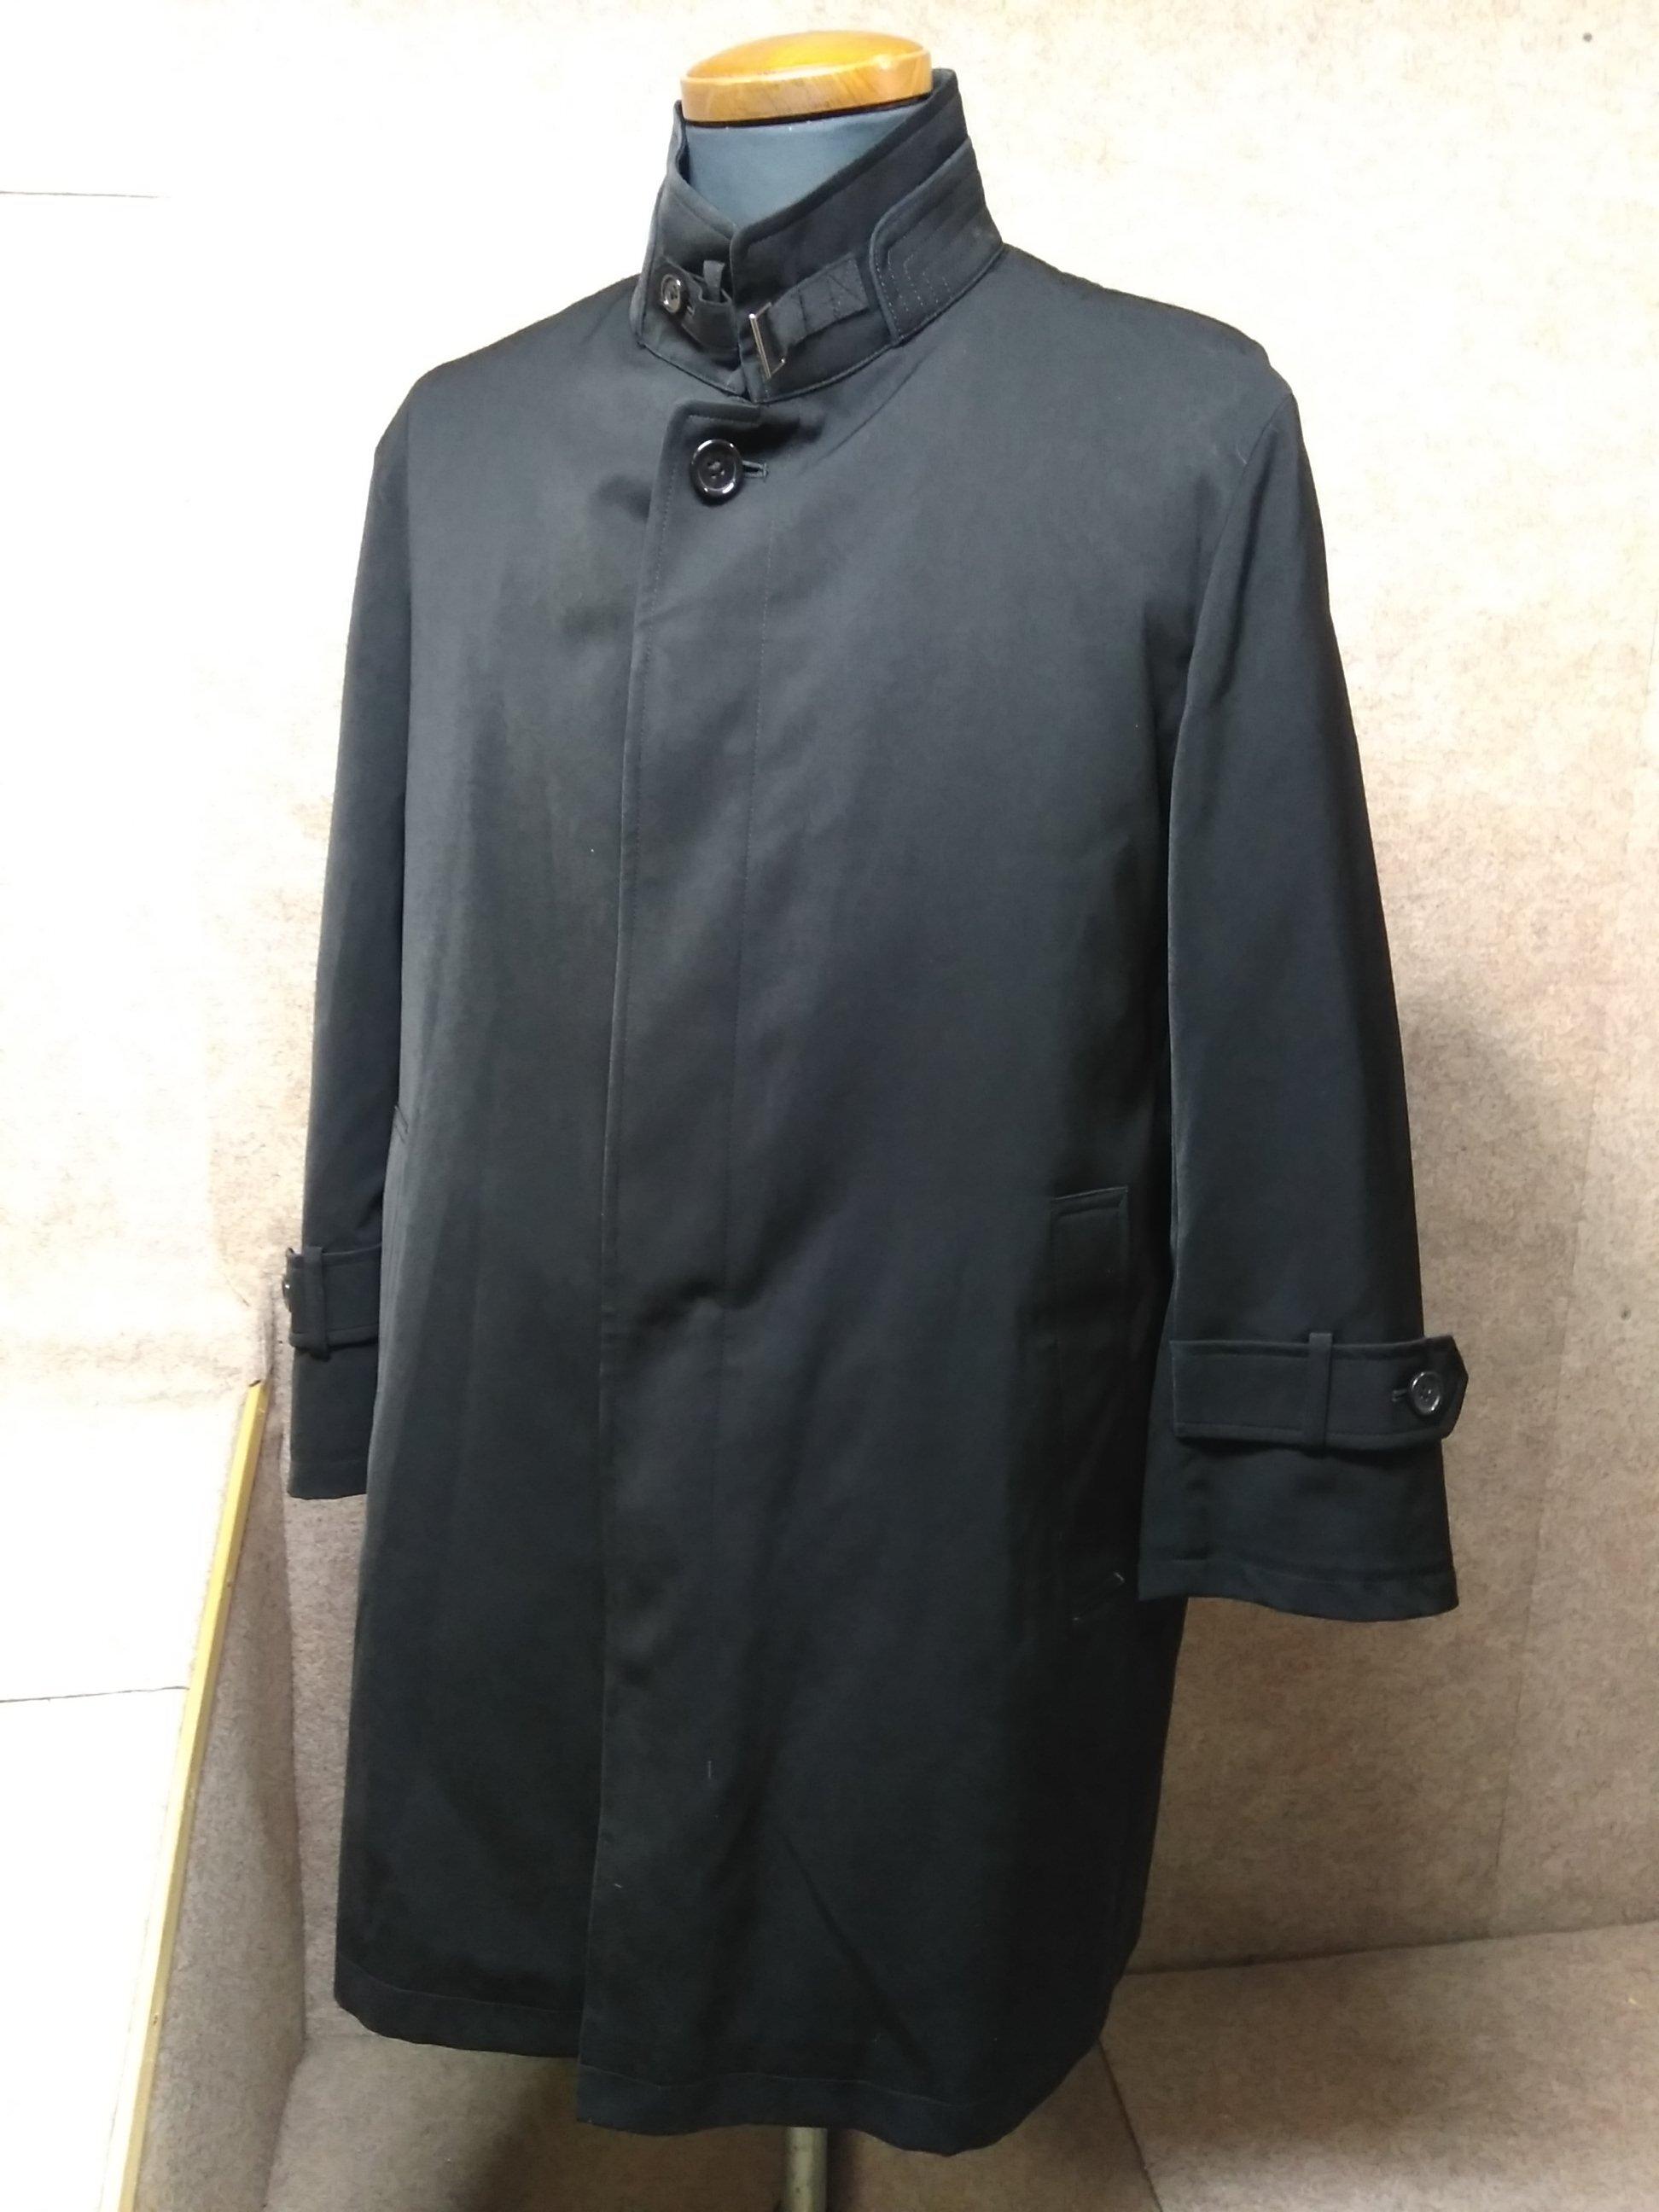 ベルモア メンズ コート ライナー付き S 黒 mu358s